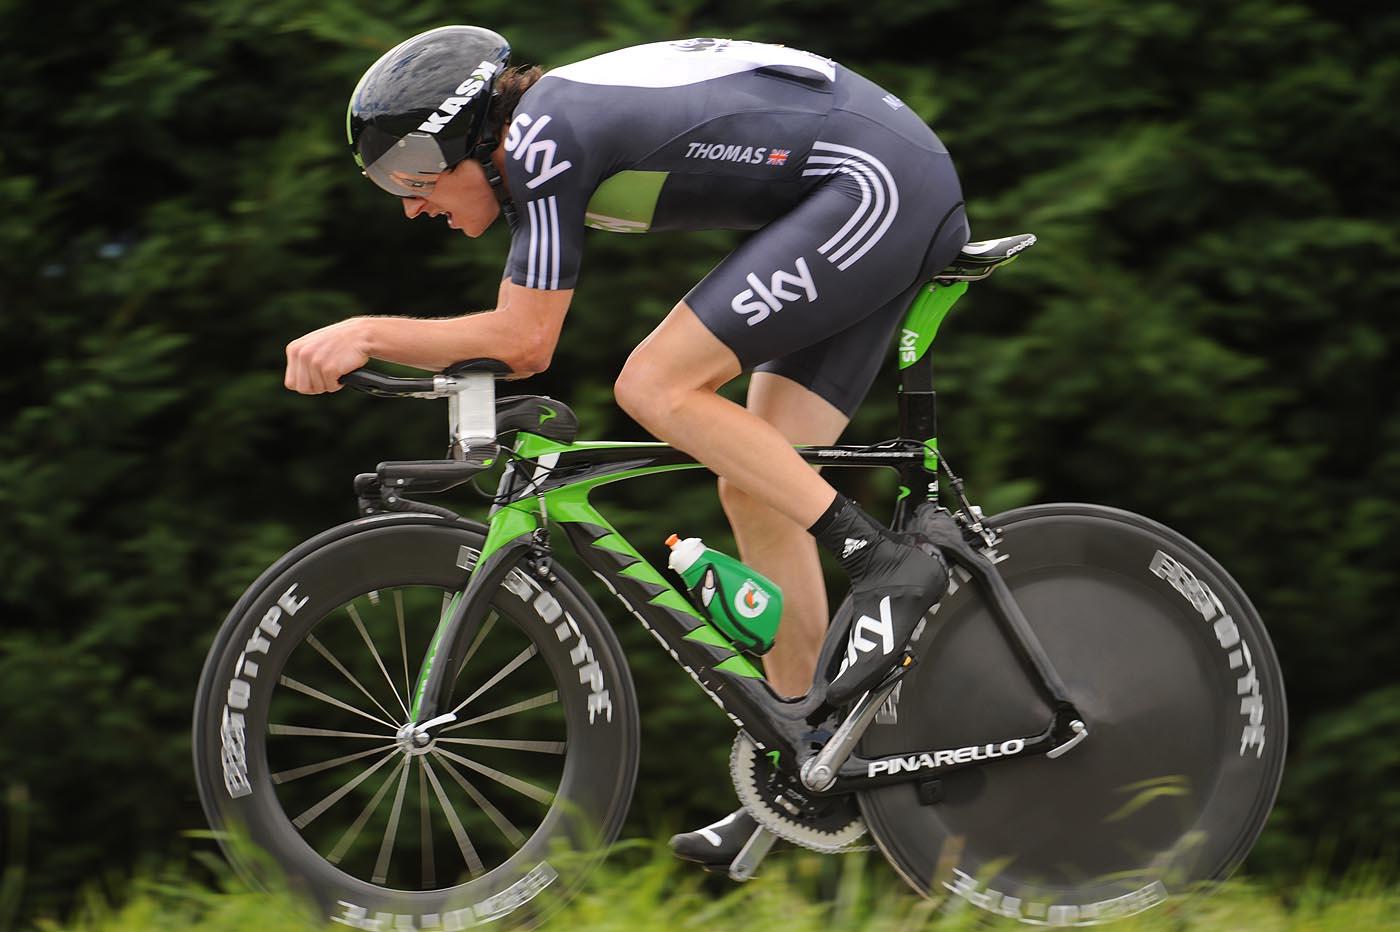 Geraint Thomas, Tour de France 2011, stage 20